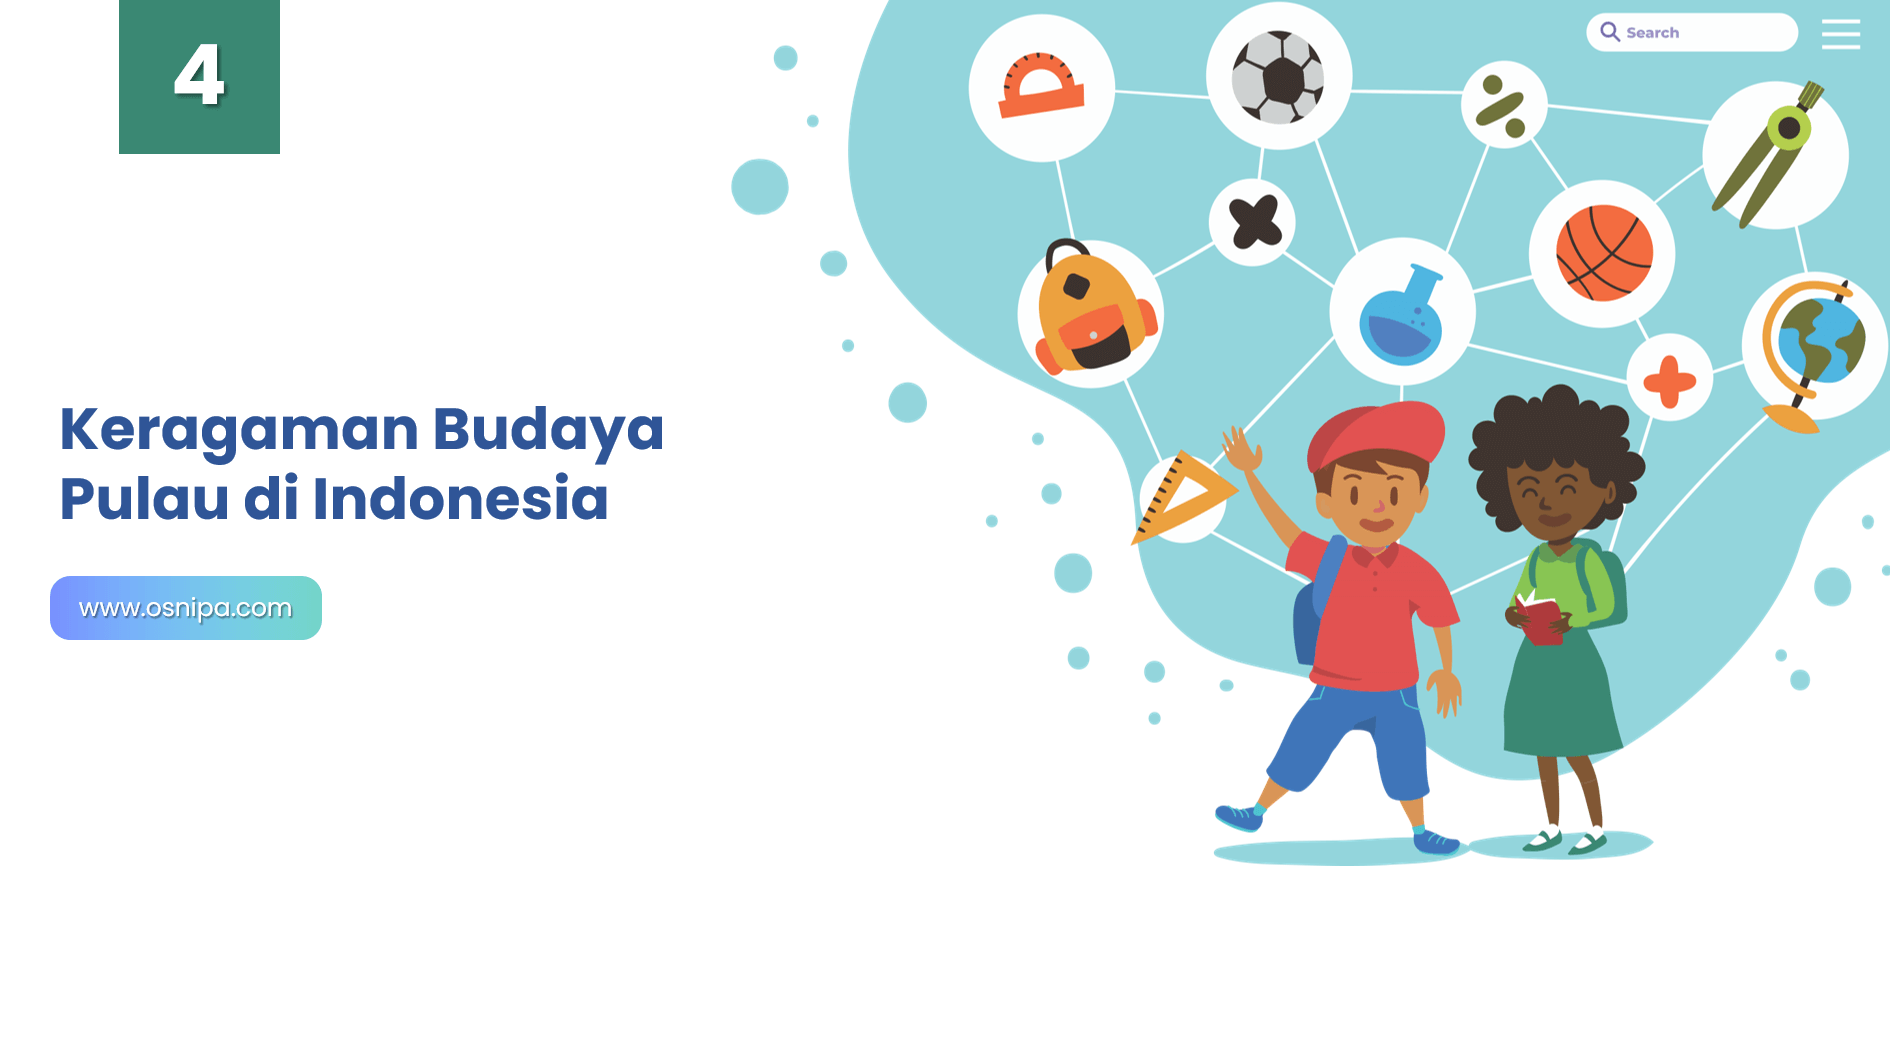 Keragaman Budaya Pulau di Indonesia